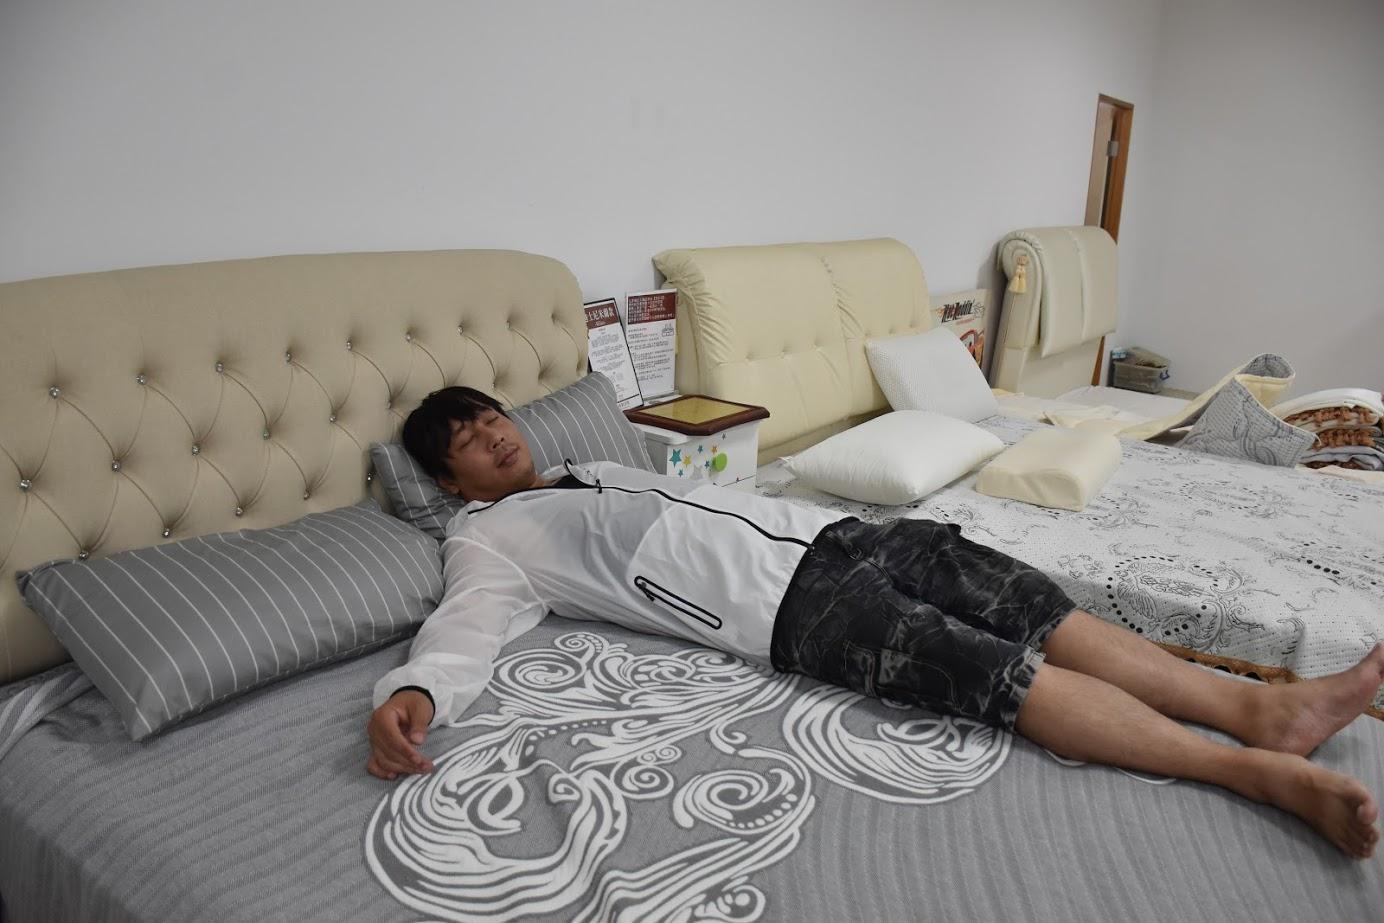 有著三十年制床經驗的【仙度瑞拉床墊】專利灌模封邊及綠能水冷膠讓睡覺是非常舒服的一件事!每天都想賴著不起床了! @秤瓶樂遊遊